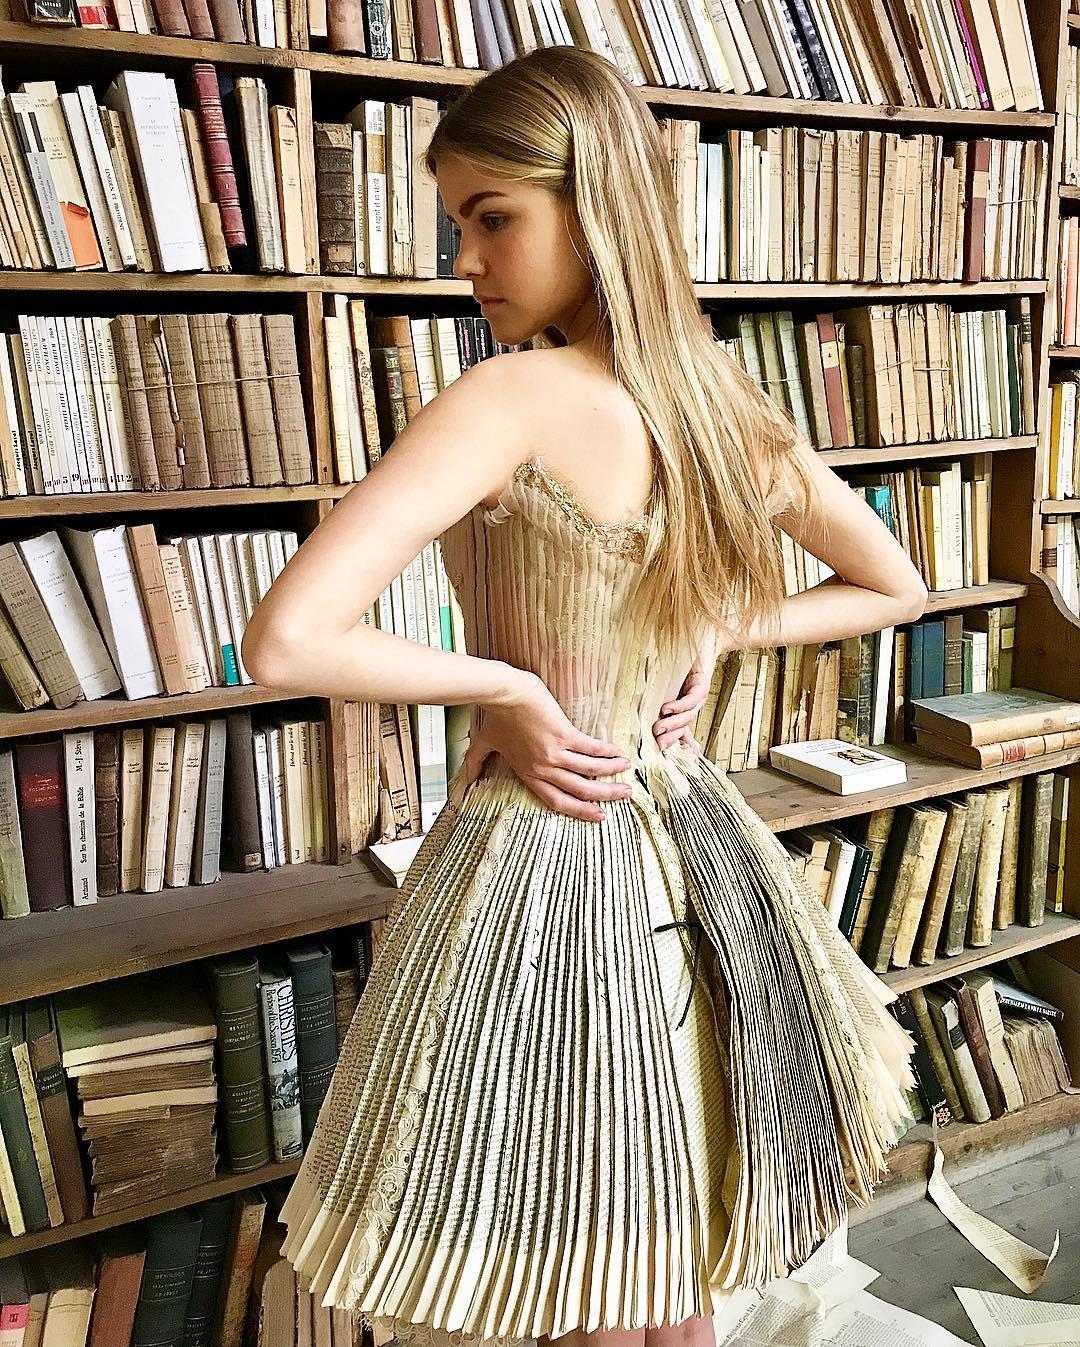 Robe livre Sylvie Facon, pages de livre